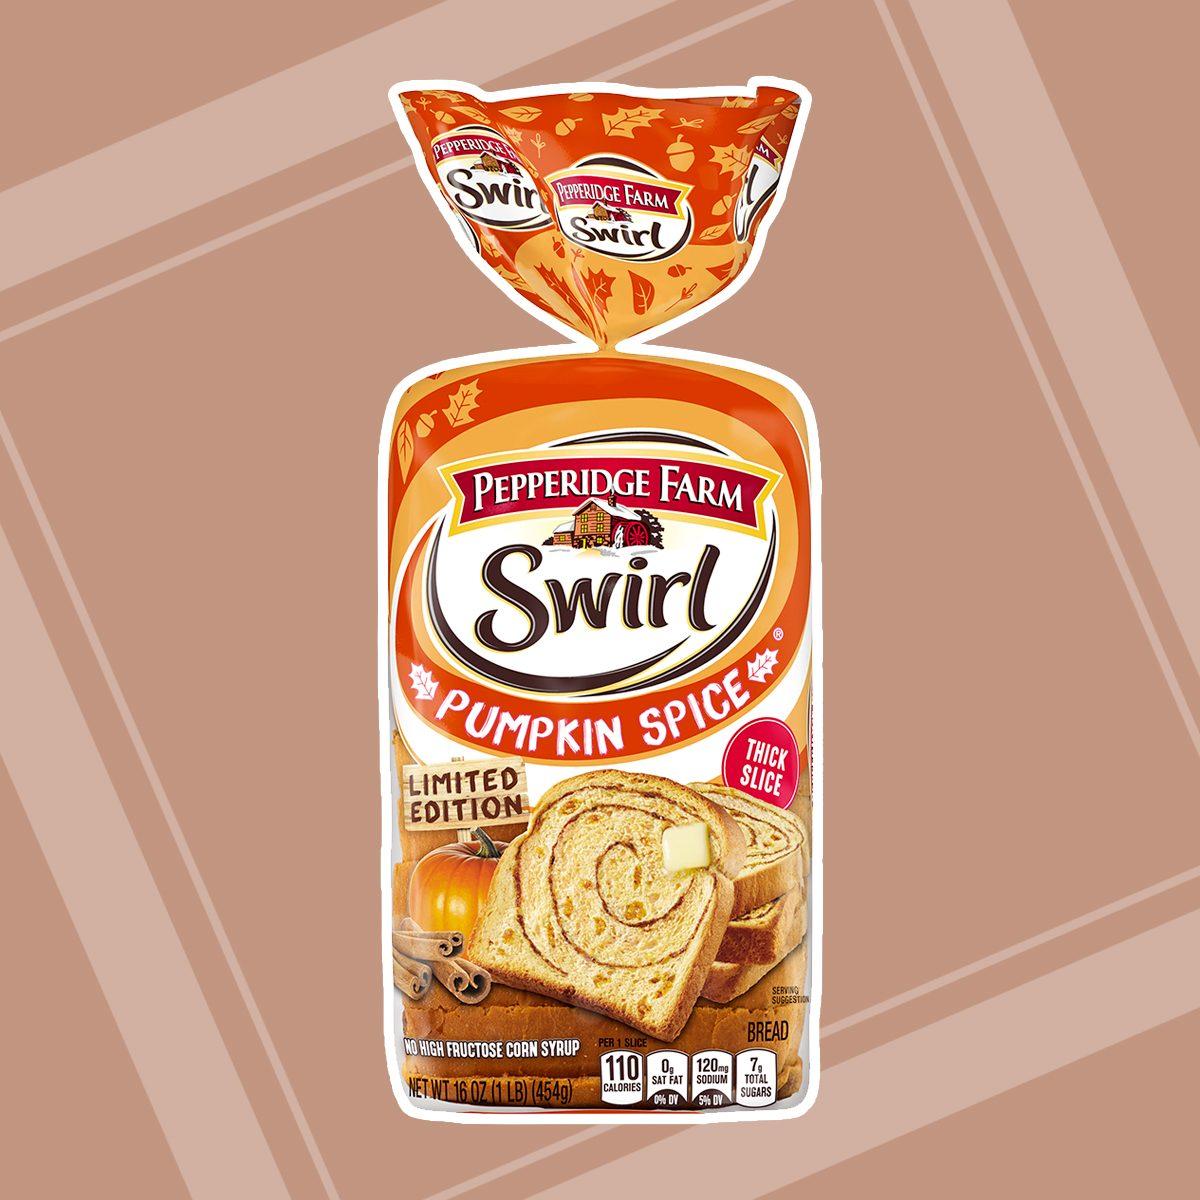 Pepperidge Farm Pumpkin Spice Swirl Bread